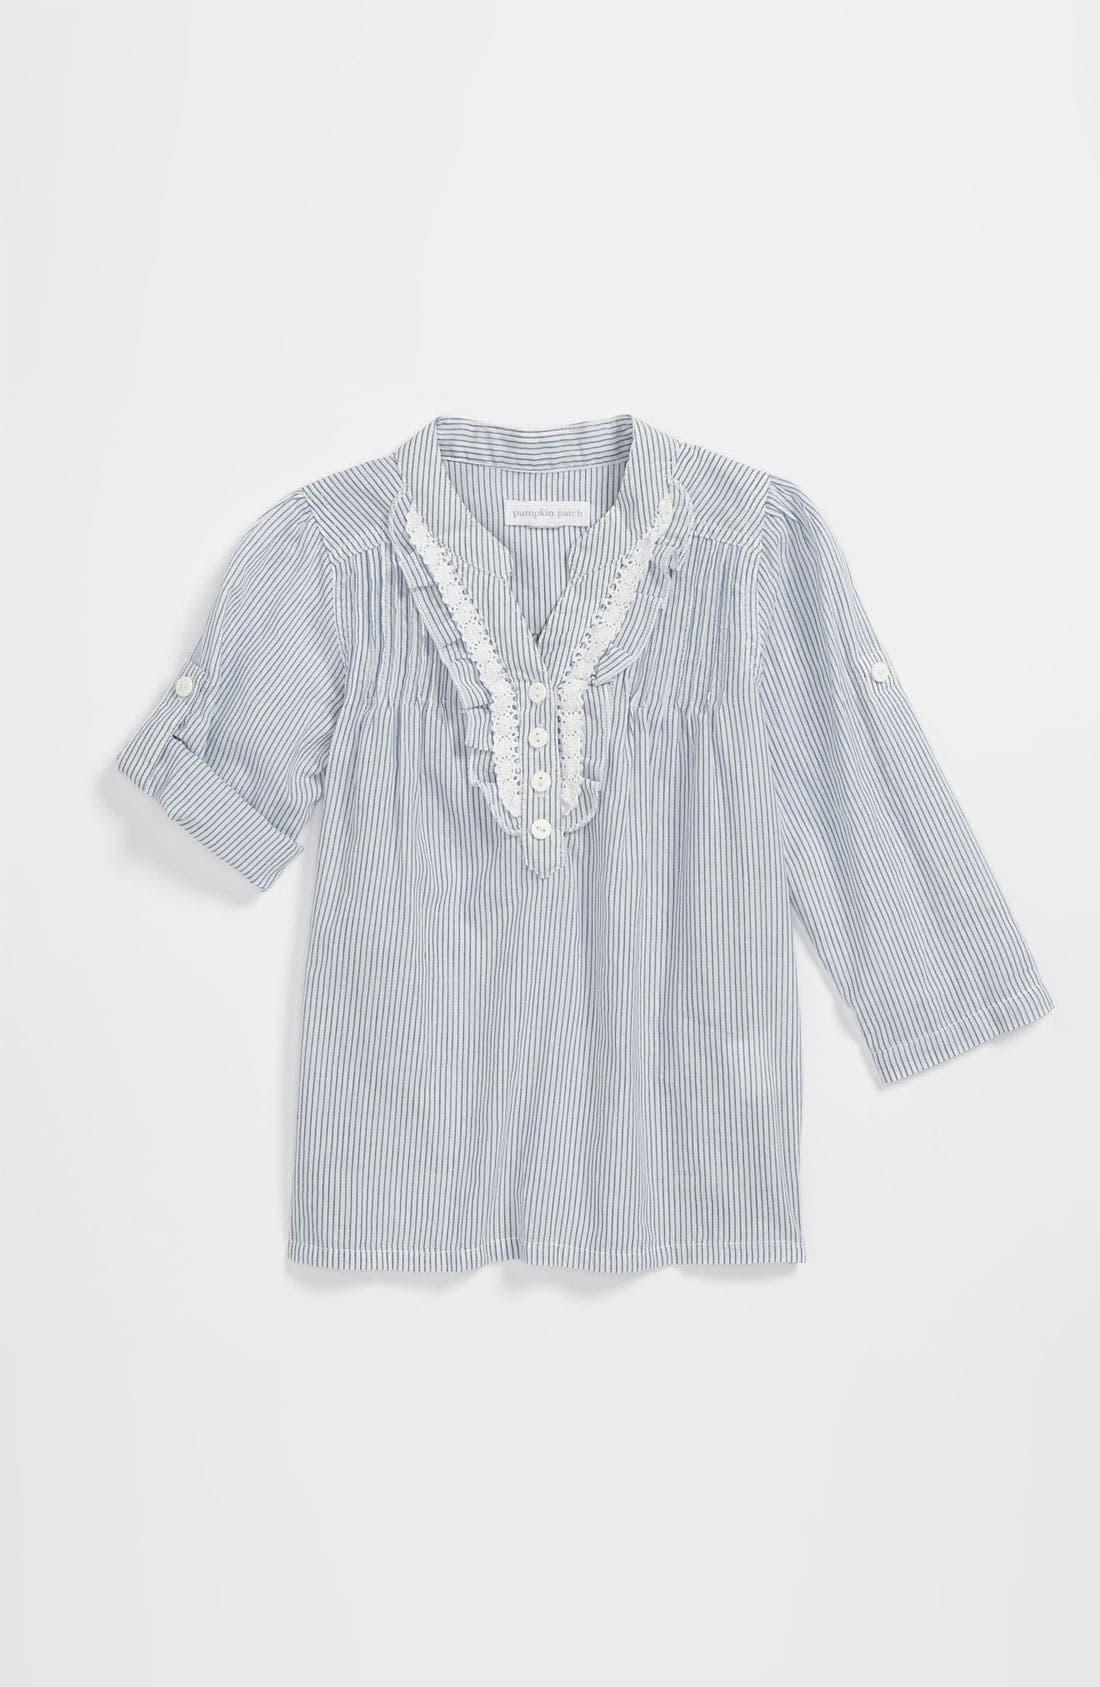 Main Image - Pumpkin Patch Stripe Ruffle Shirt (Toddler)